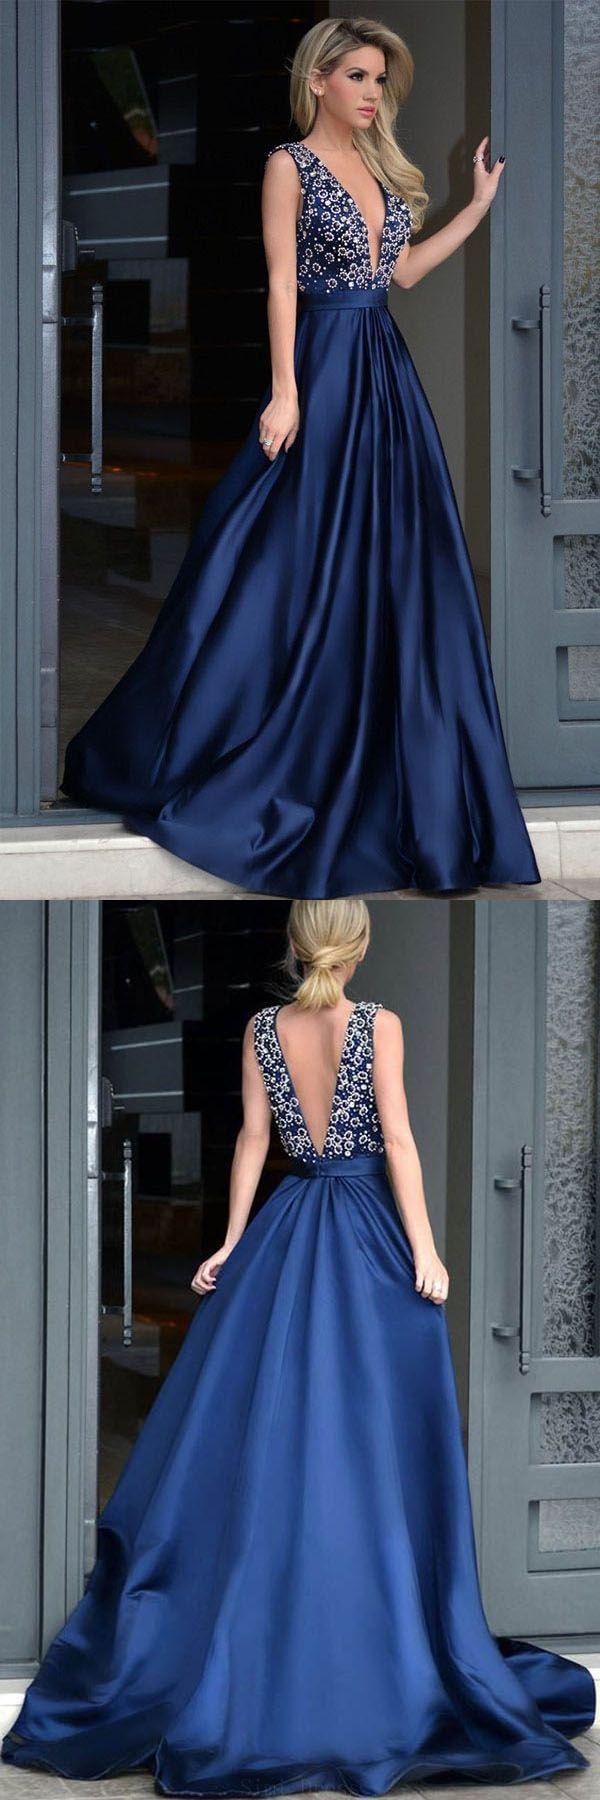 Prom Dresses Blue Promdressesblue Prom Dresses 2018 Promdresses2018 Floral Summeroutfit Women Kleider Abschlussball Kleider Schone Kleider